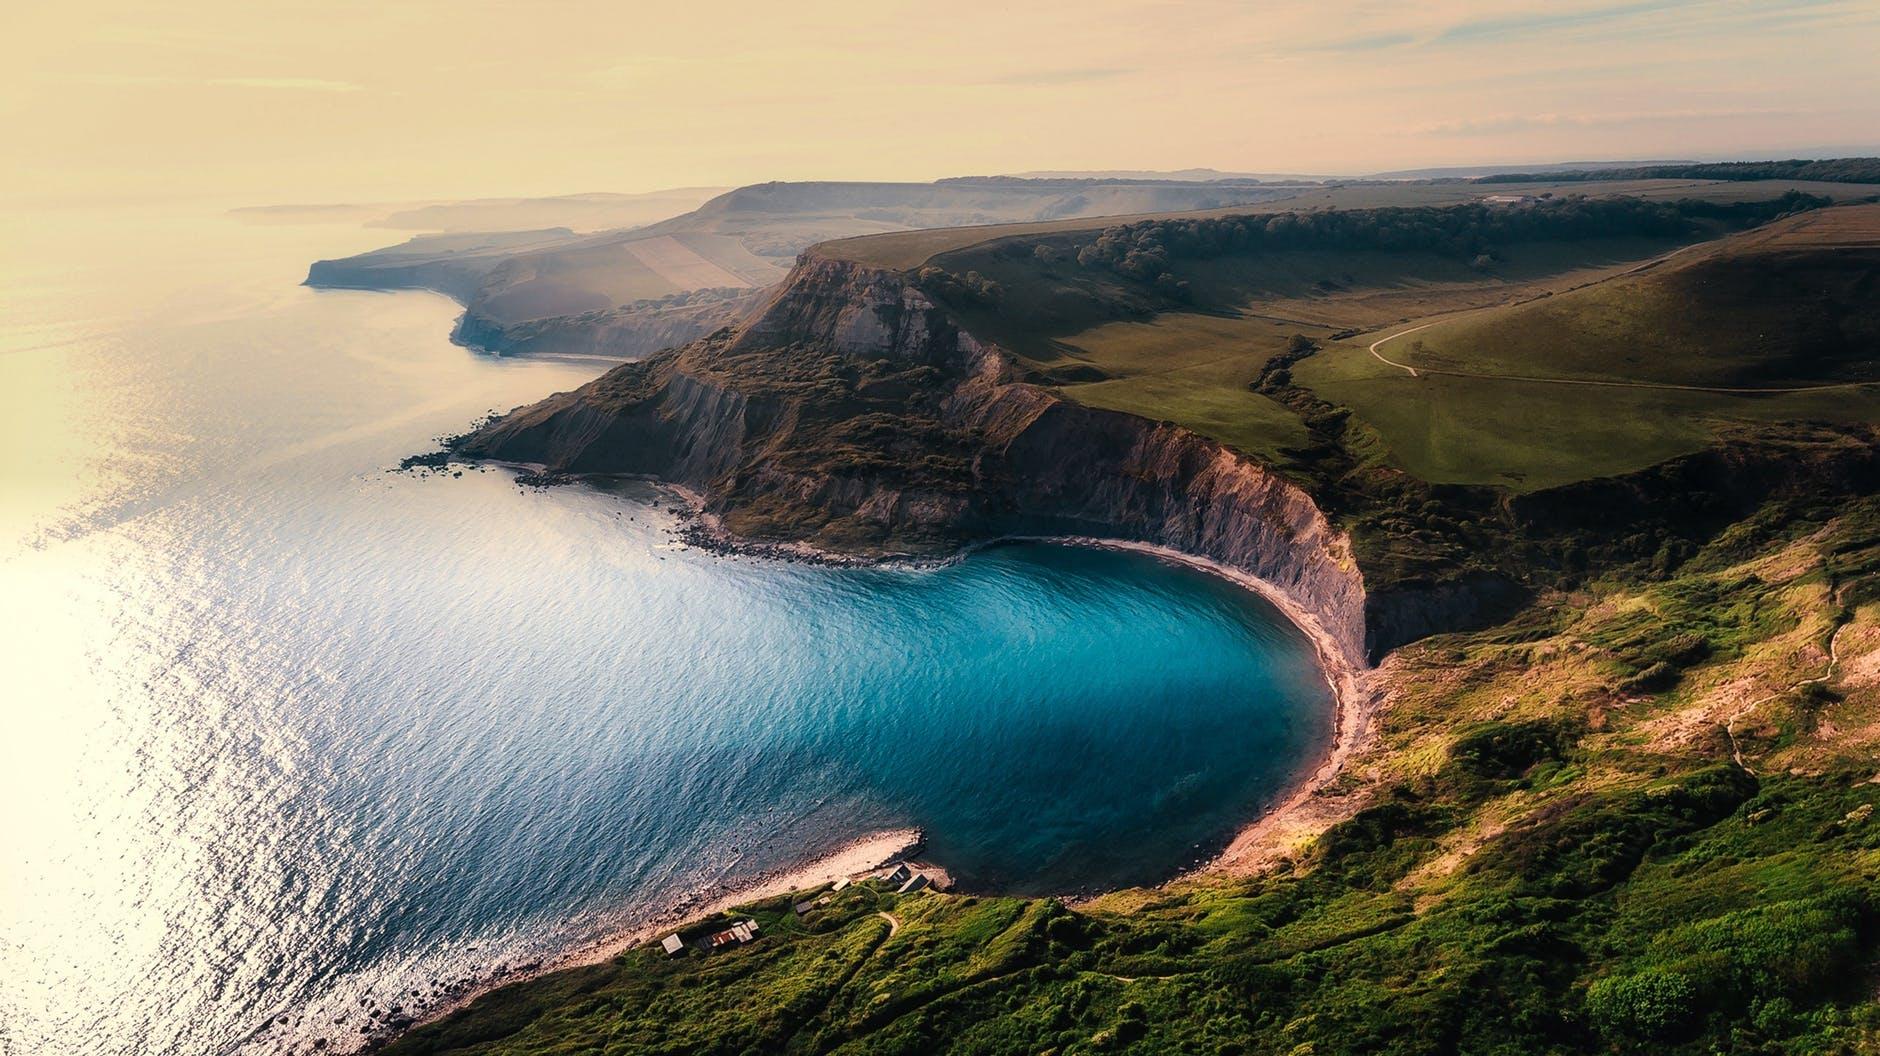 aerial view beach beautiful cliff